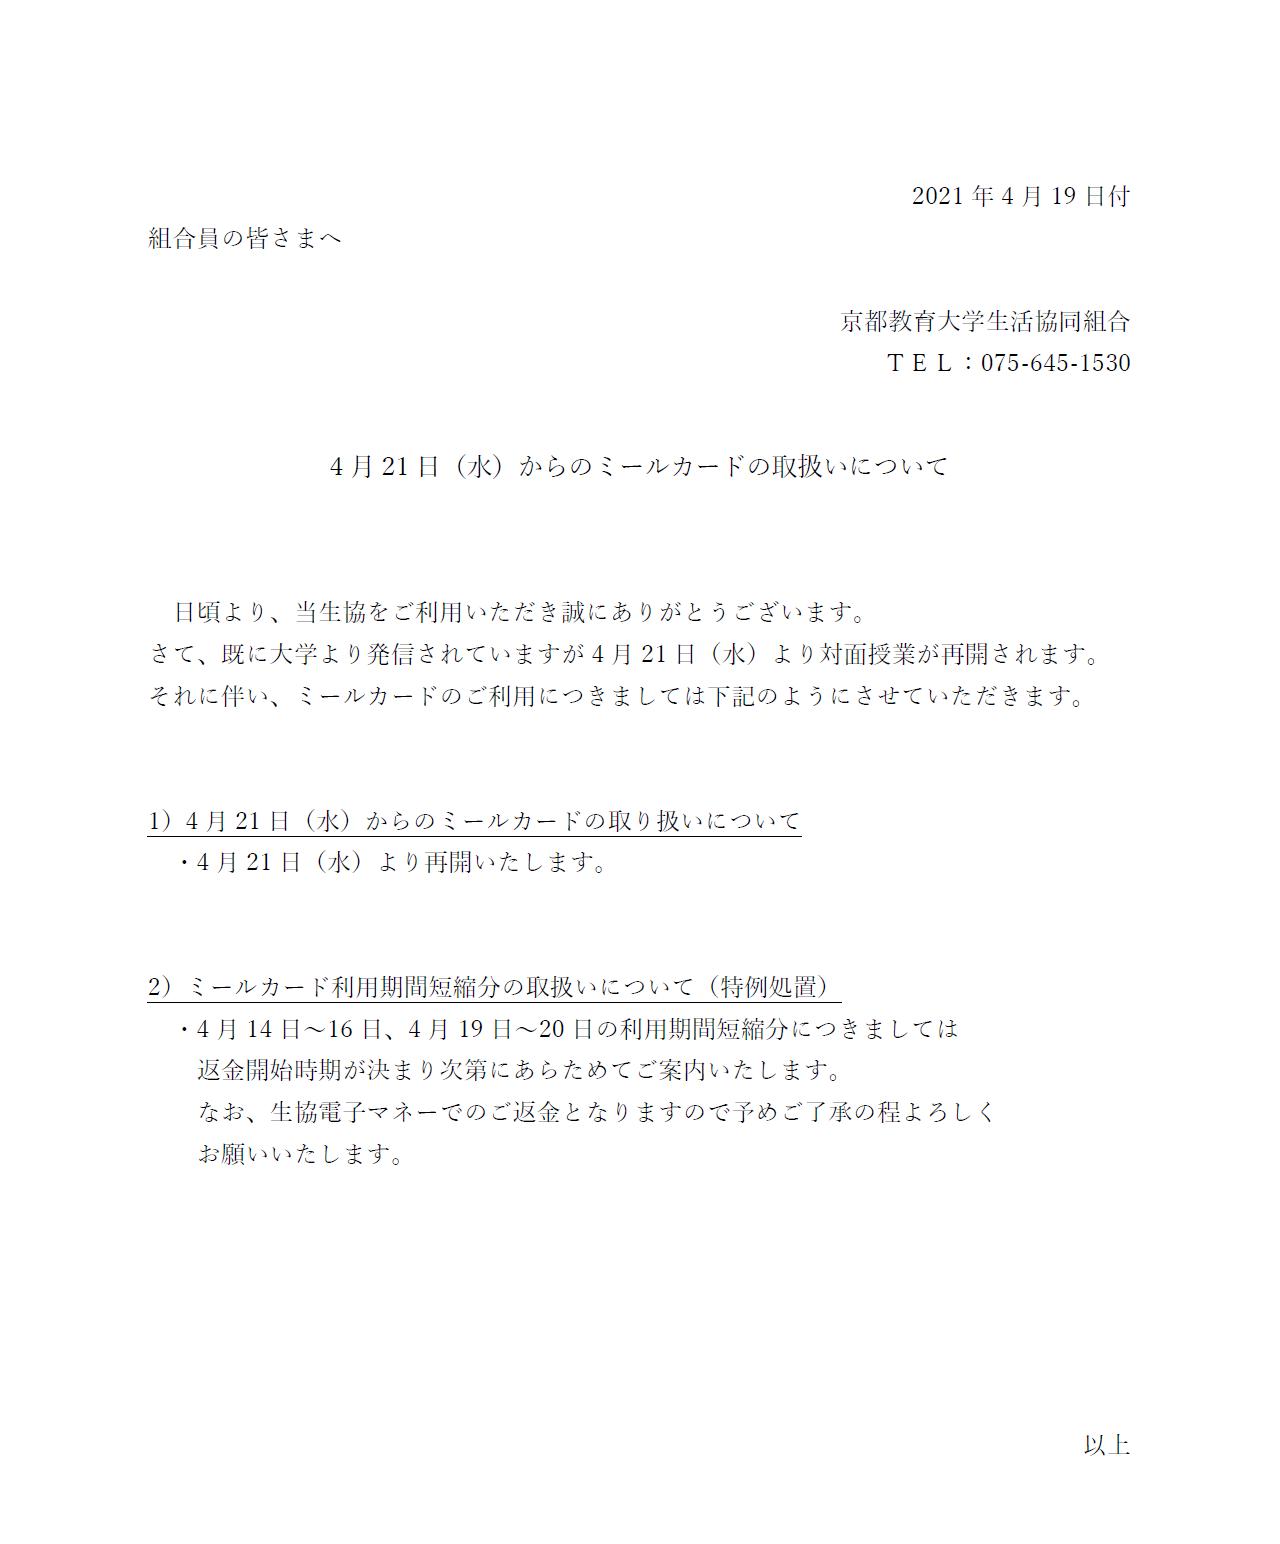 4月21日(水)からのミールカードの取り扱いについて(HPアップ用).png